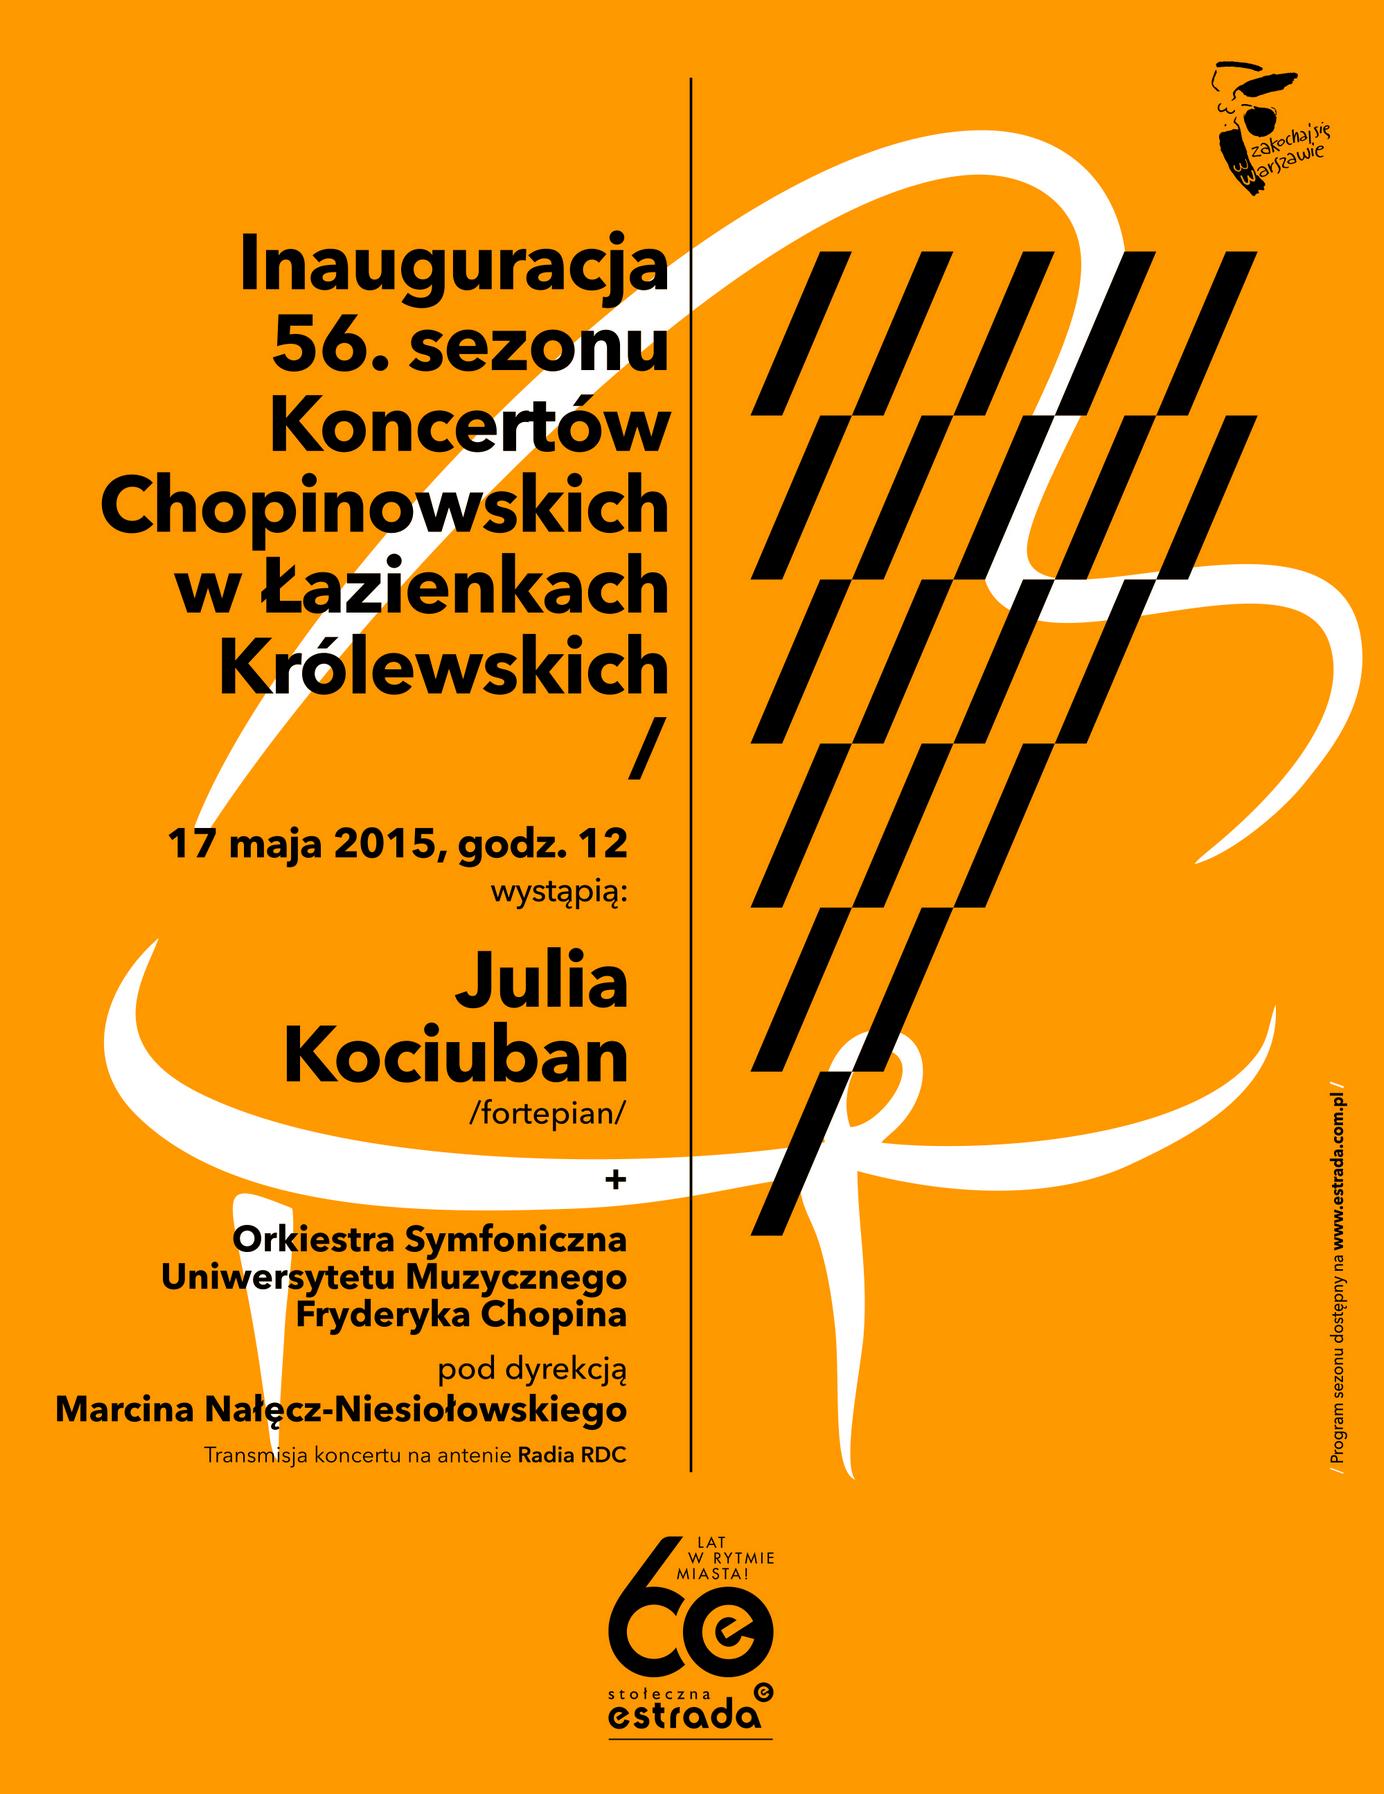 56. sezon Koncertów Chopinowskich, plakat (źródło: materiały prasowe)